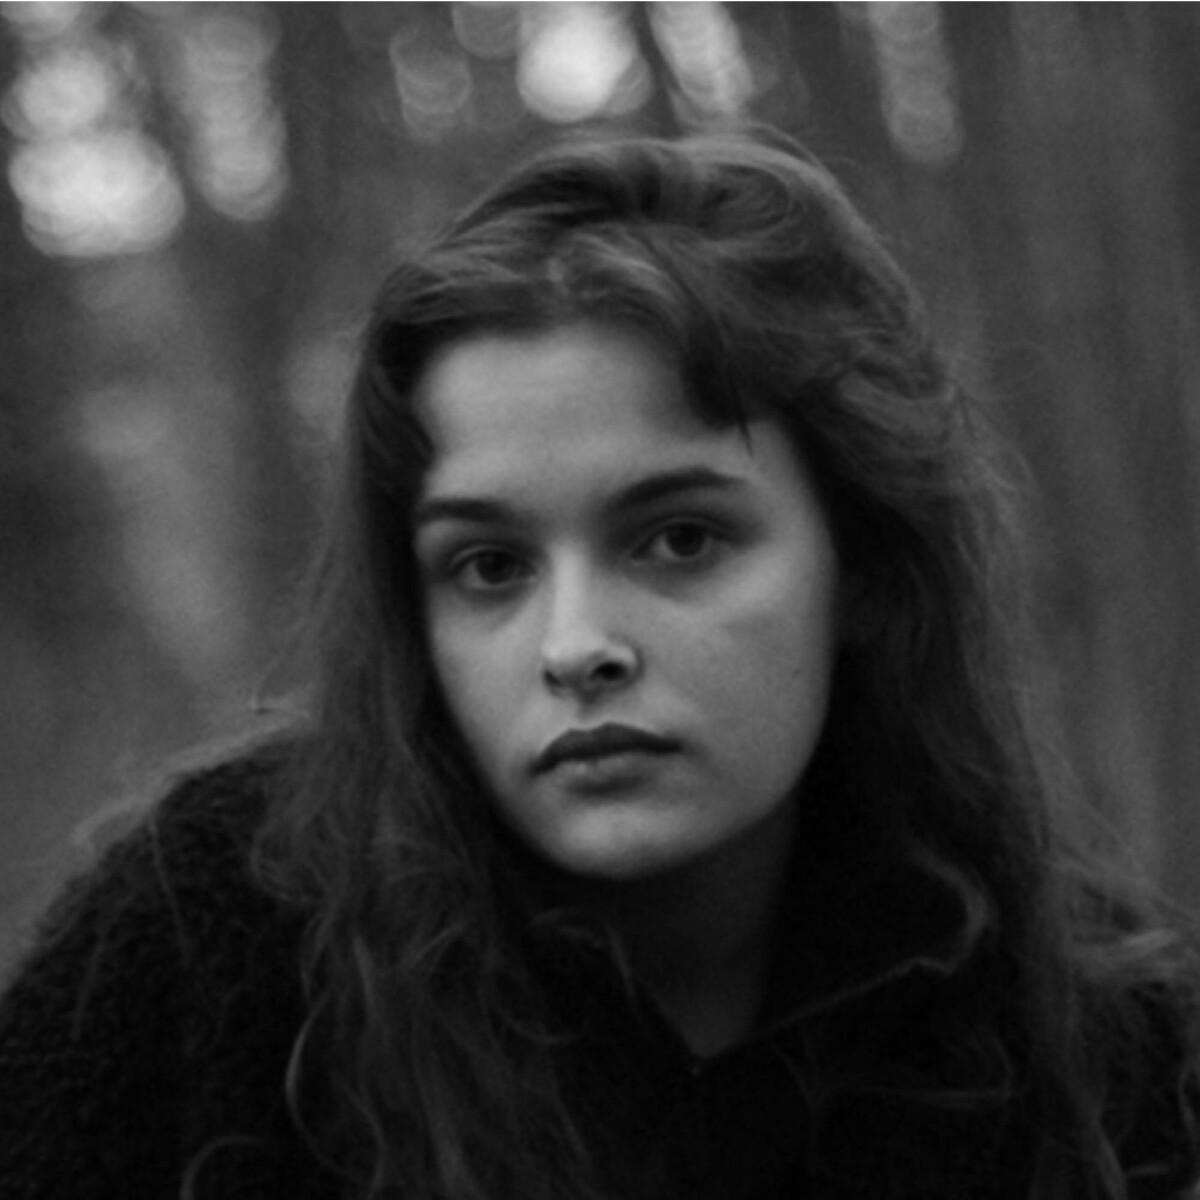 Miriam Ingrid Benthe, bear town, HBO Sweden